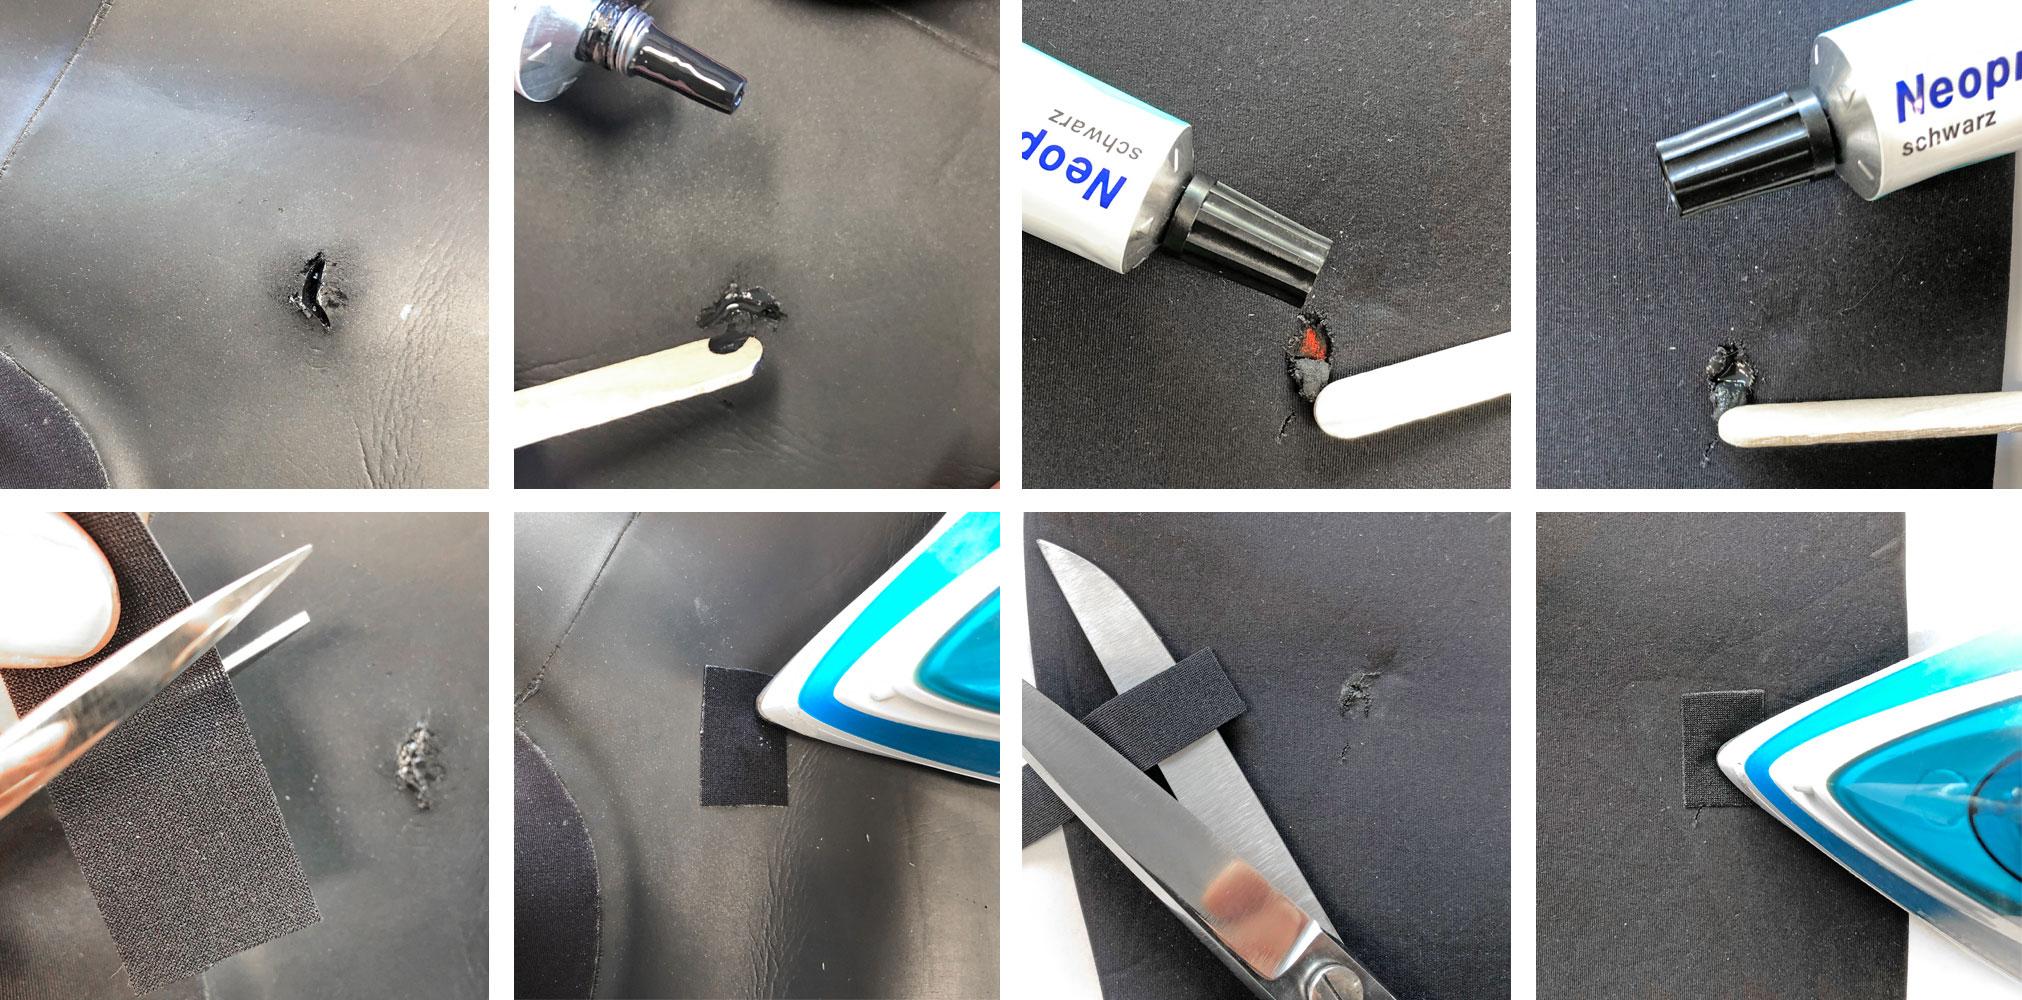 Neoprenanzug reparieren Methoden